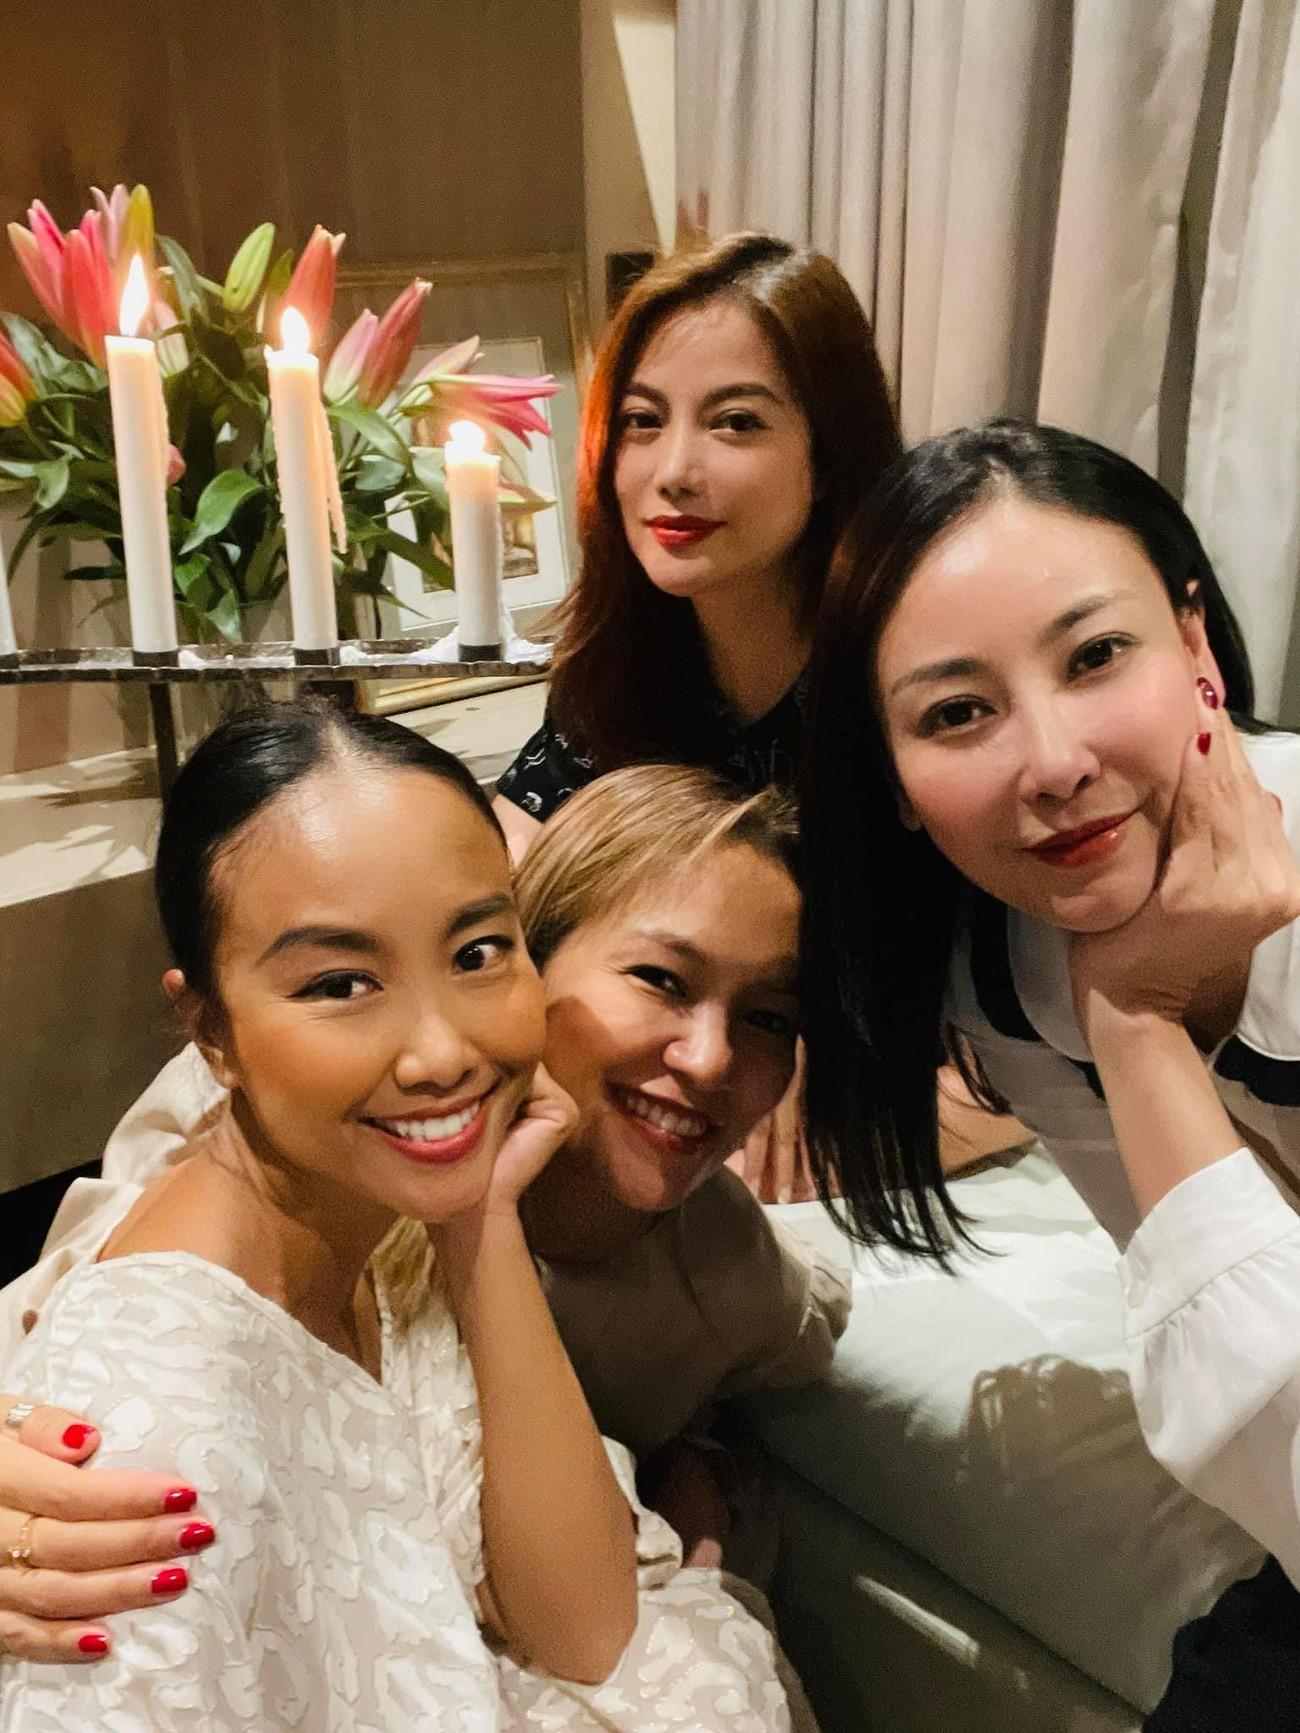 Á hậu Phương Anh mặc áo tắm sexy, Ngọc Thảo giản dị vẫn quyến rũ trong phòng cách ly ảnh 12